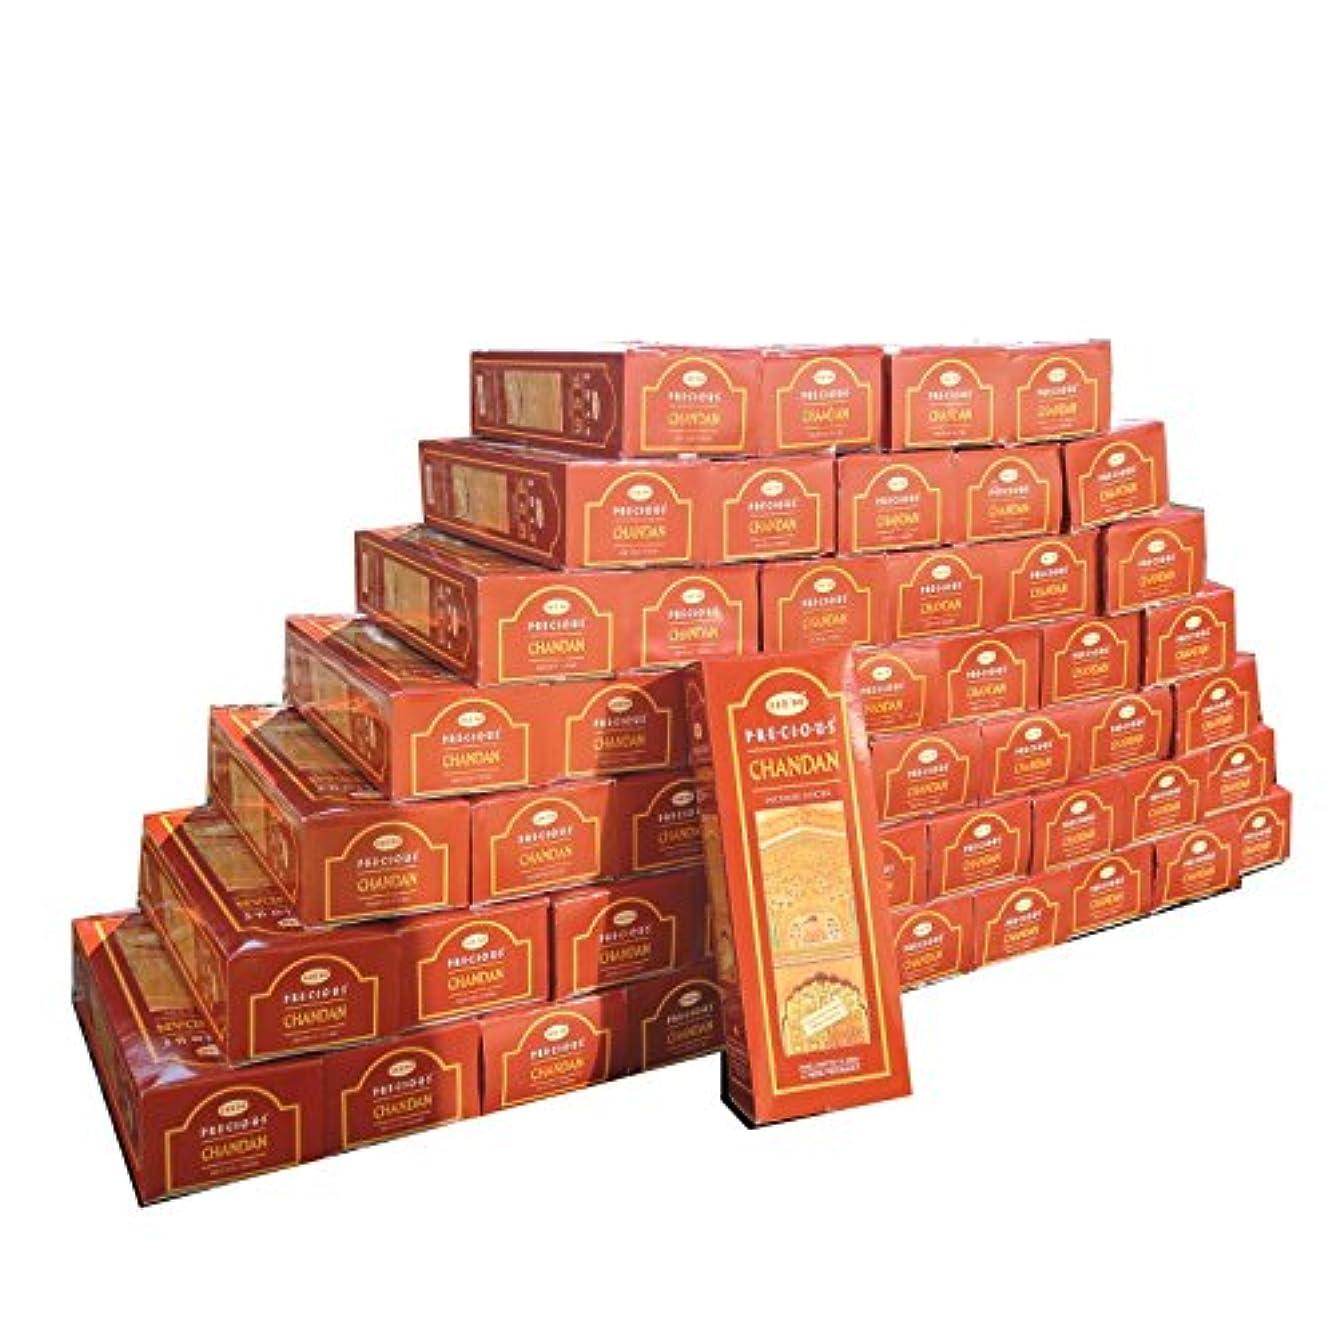 ネックレット戦闘米国業務用 インドスティック形お香 プレシャスチャンダン 300箱入り